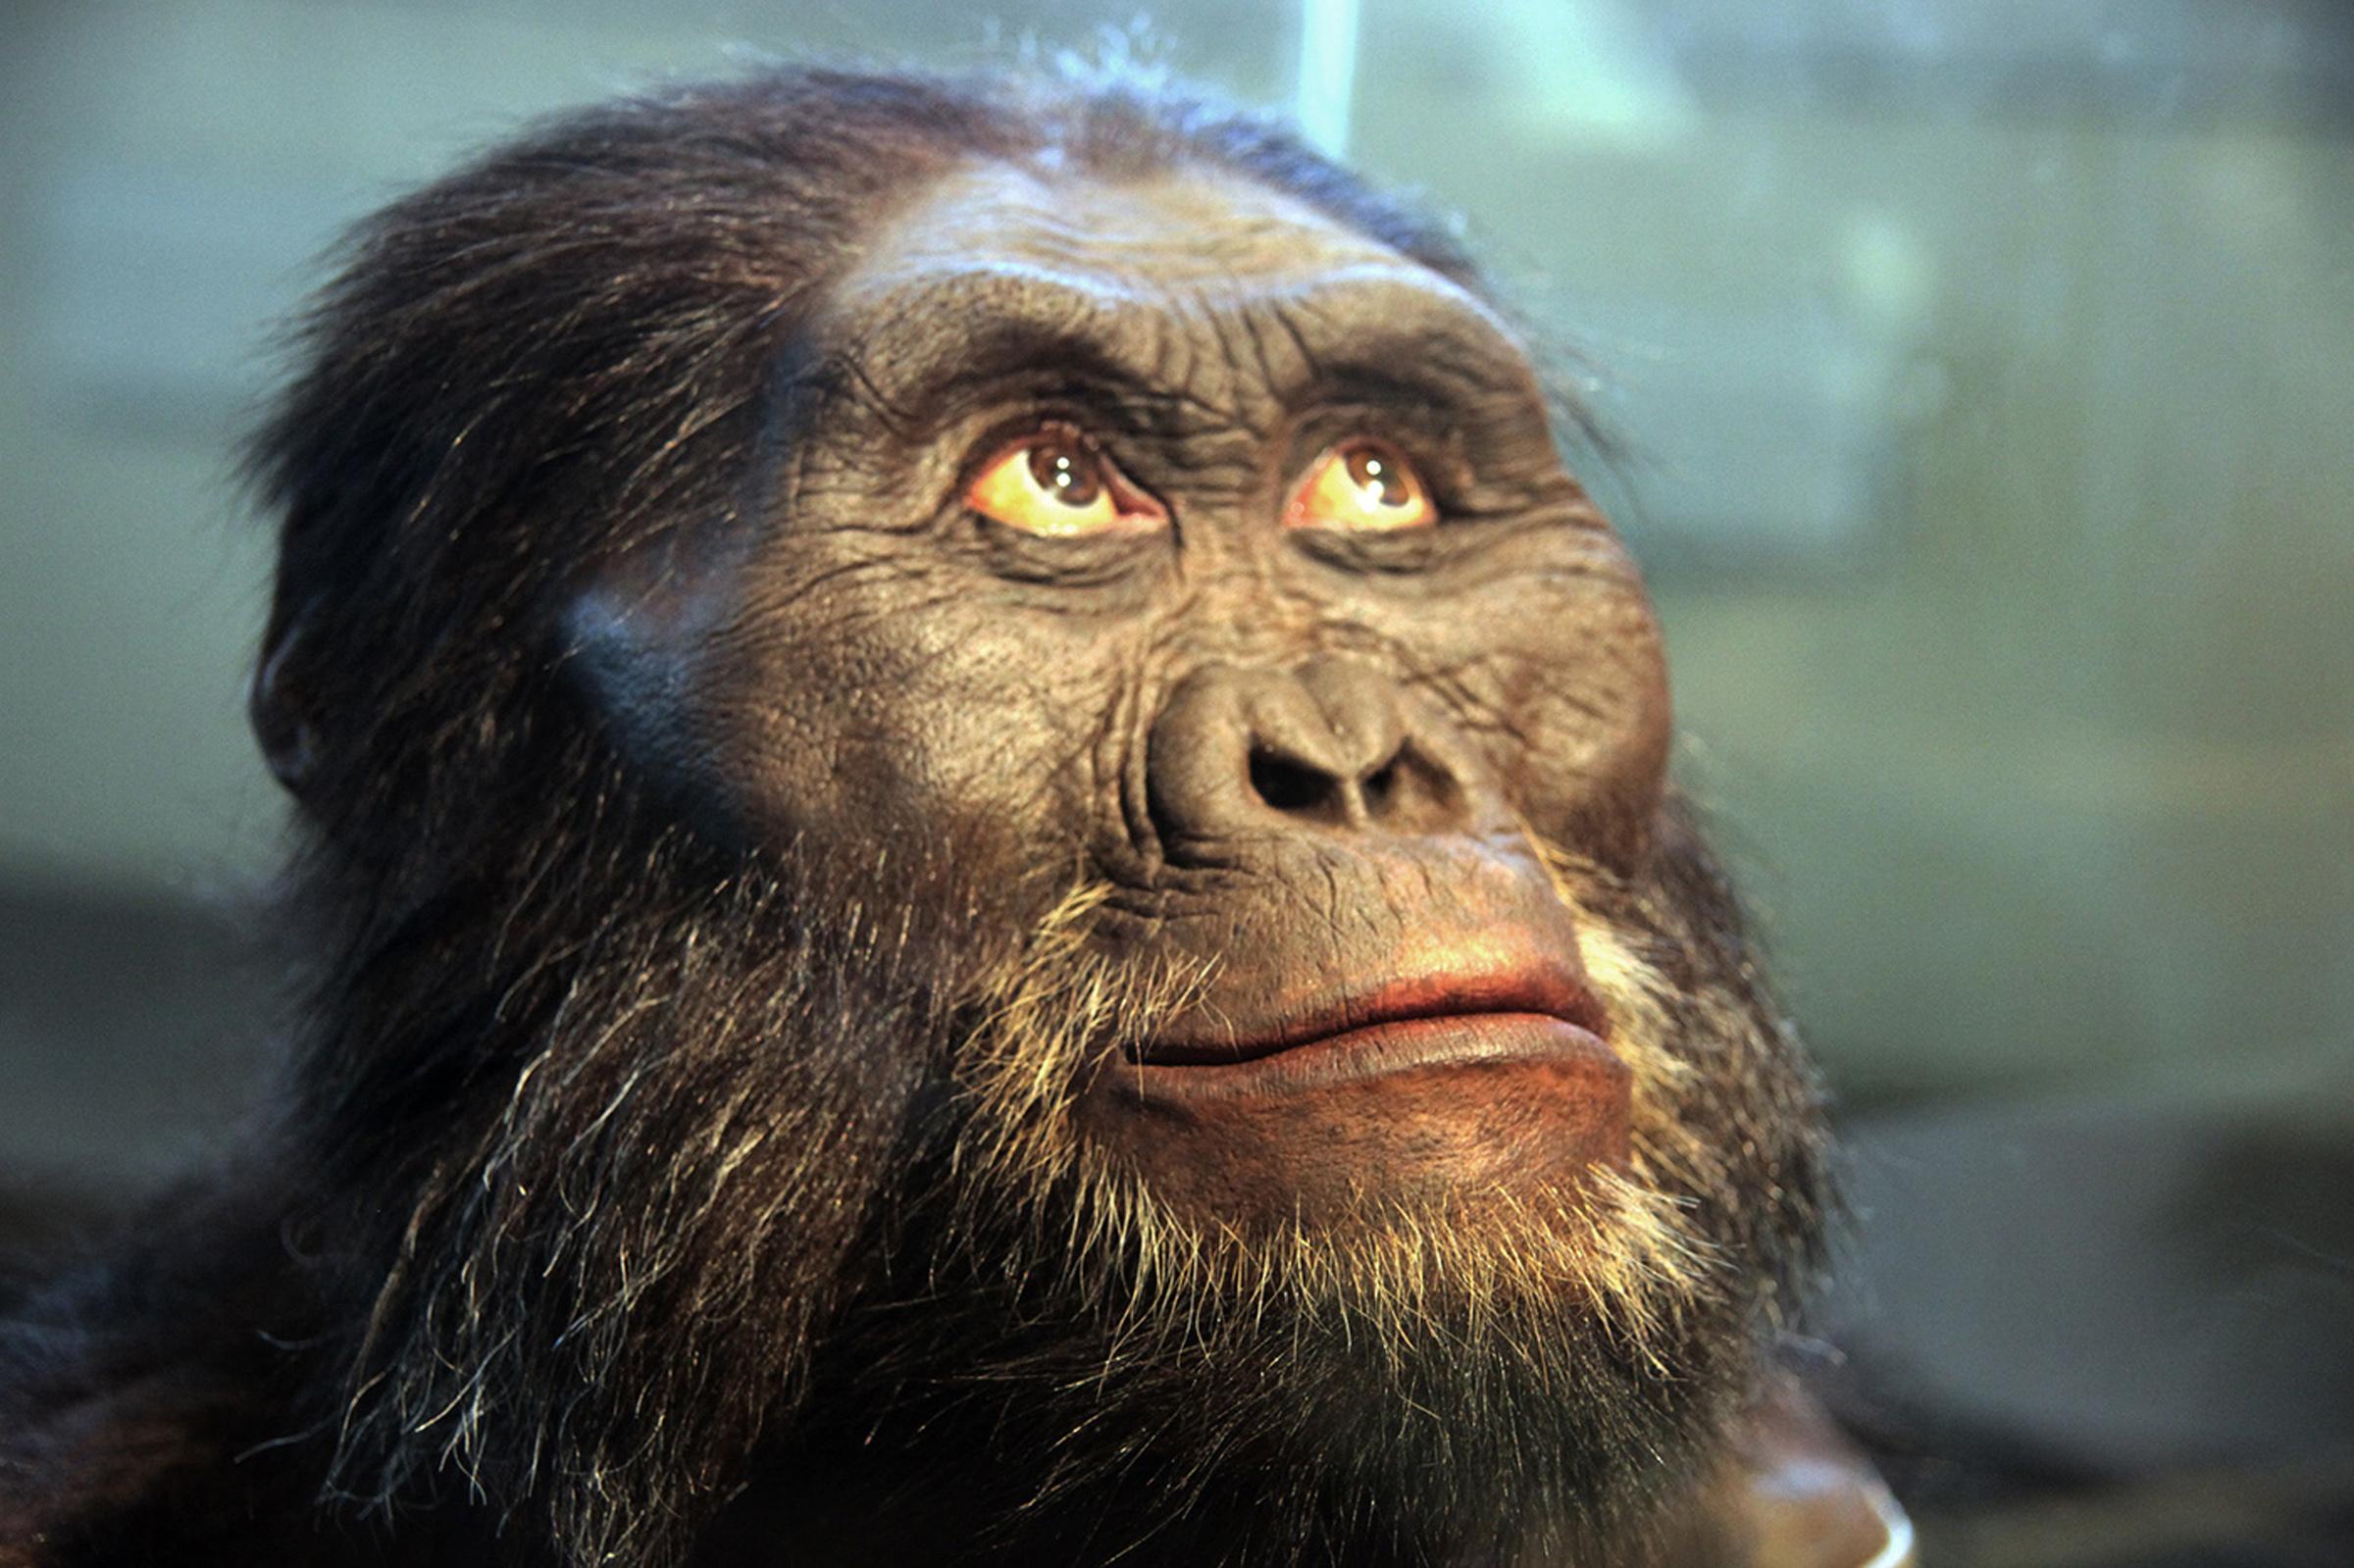 Fosilele descoperite de-a lungul timpului arată că australopitecii, predecesorii genului Homo, aveau structuri faciale surprinzător de robuste.